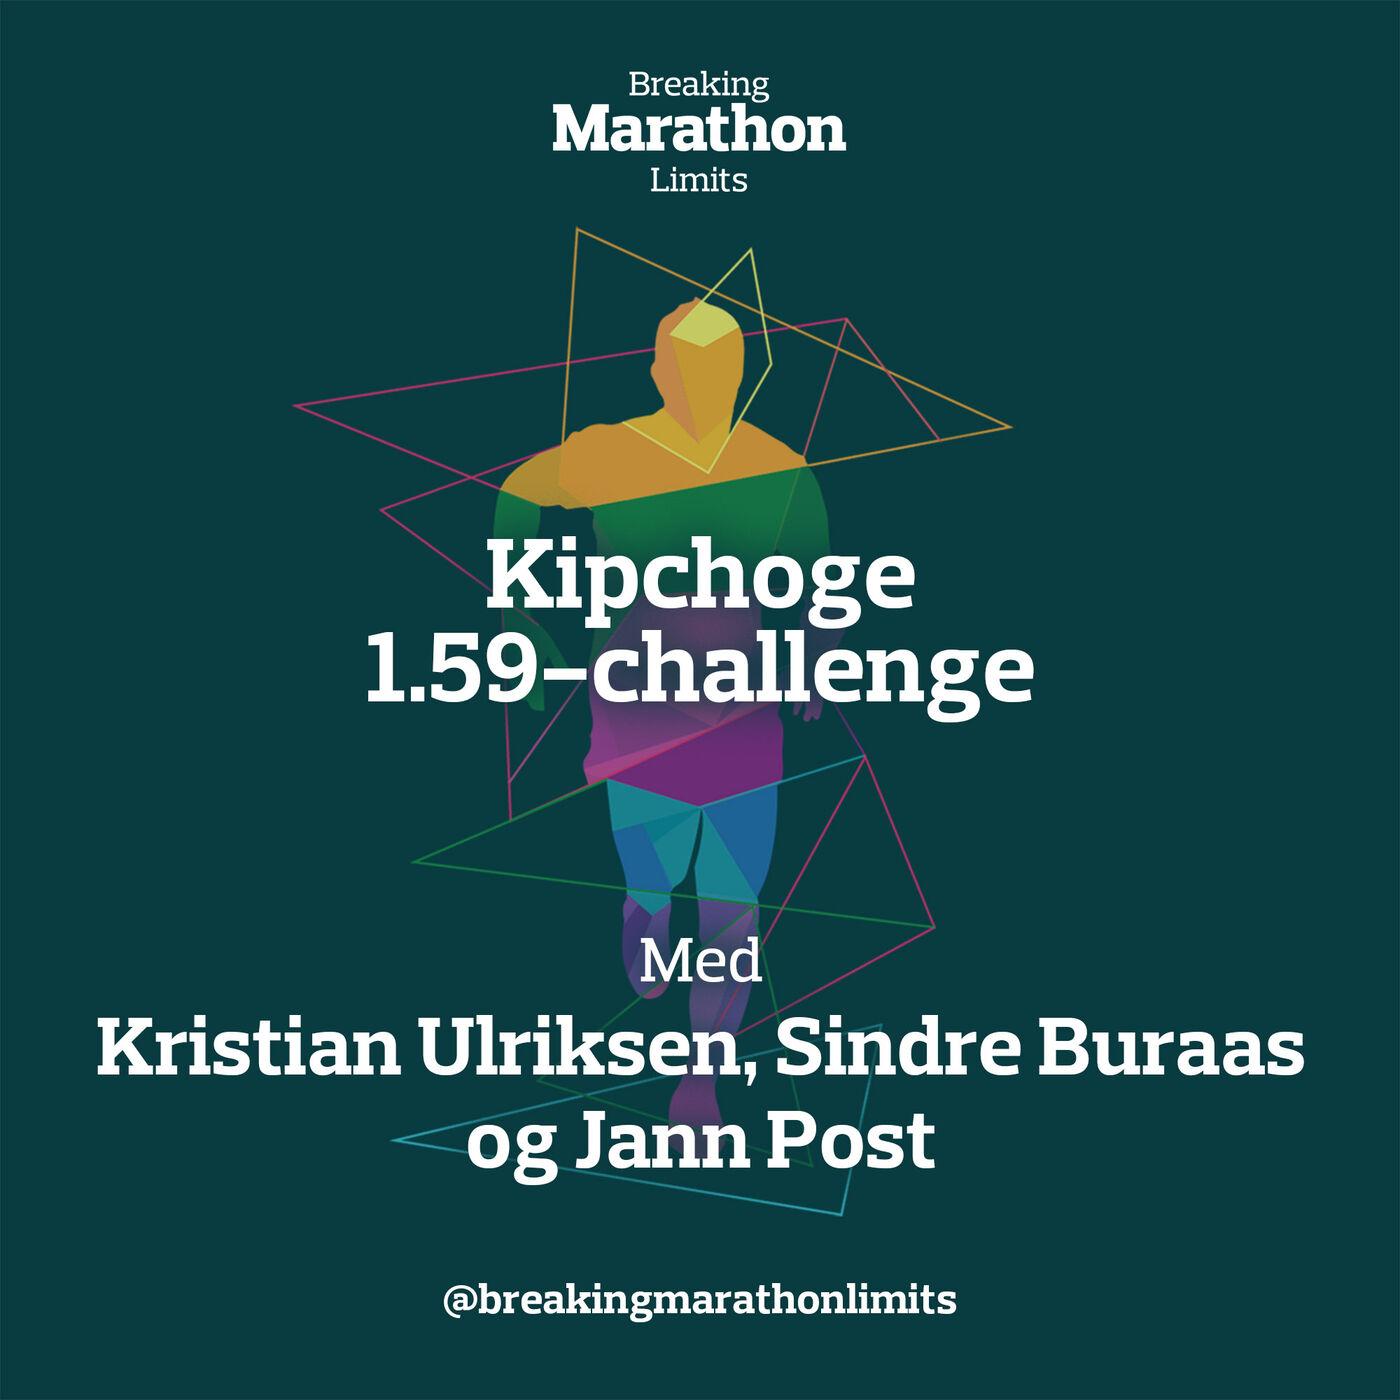 Kipchoge 1.59-challenge